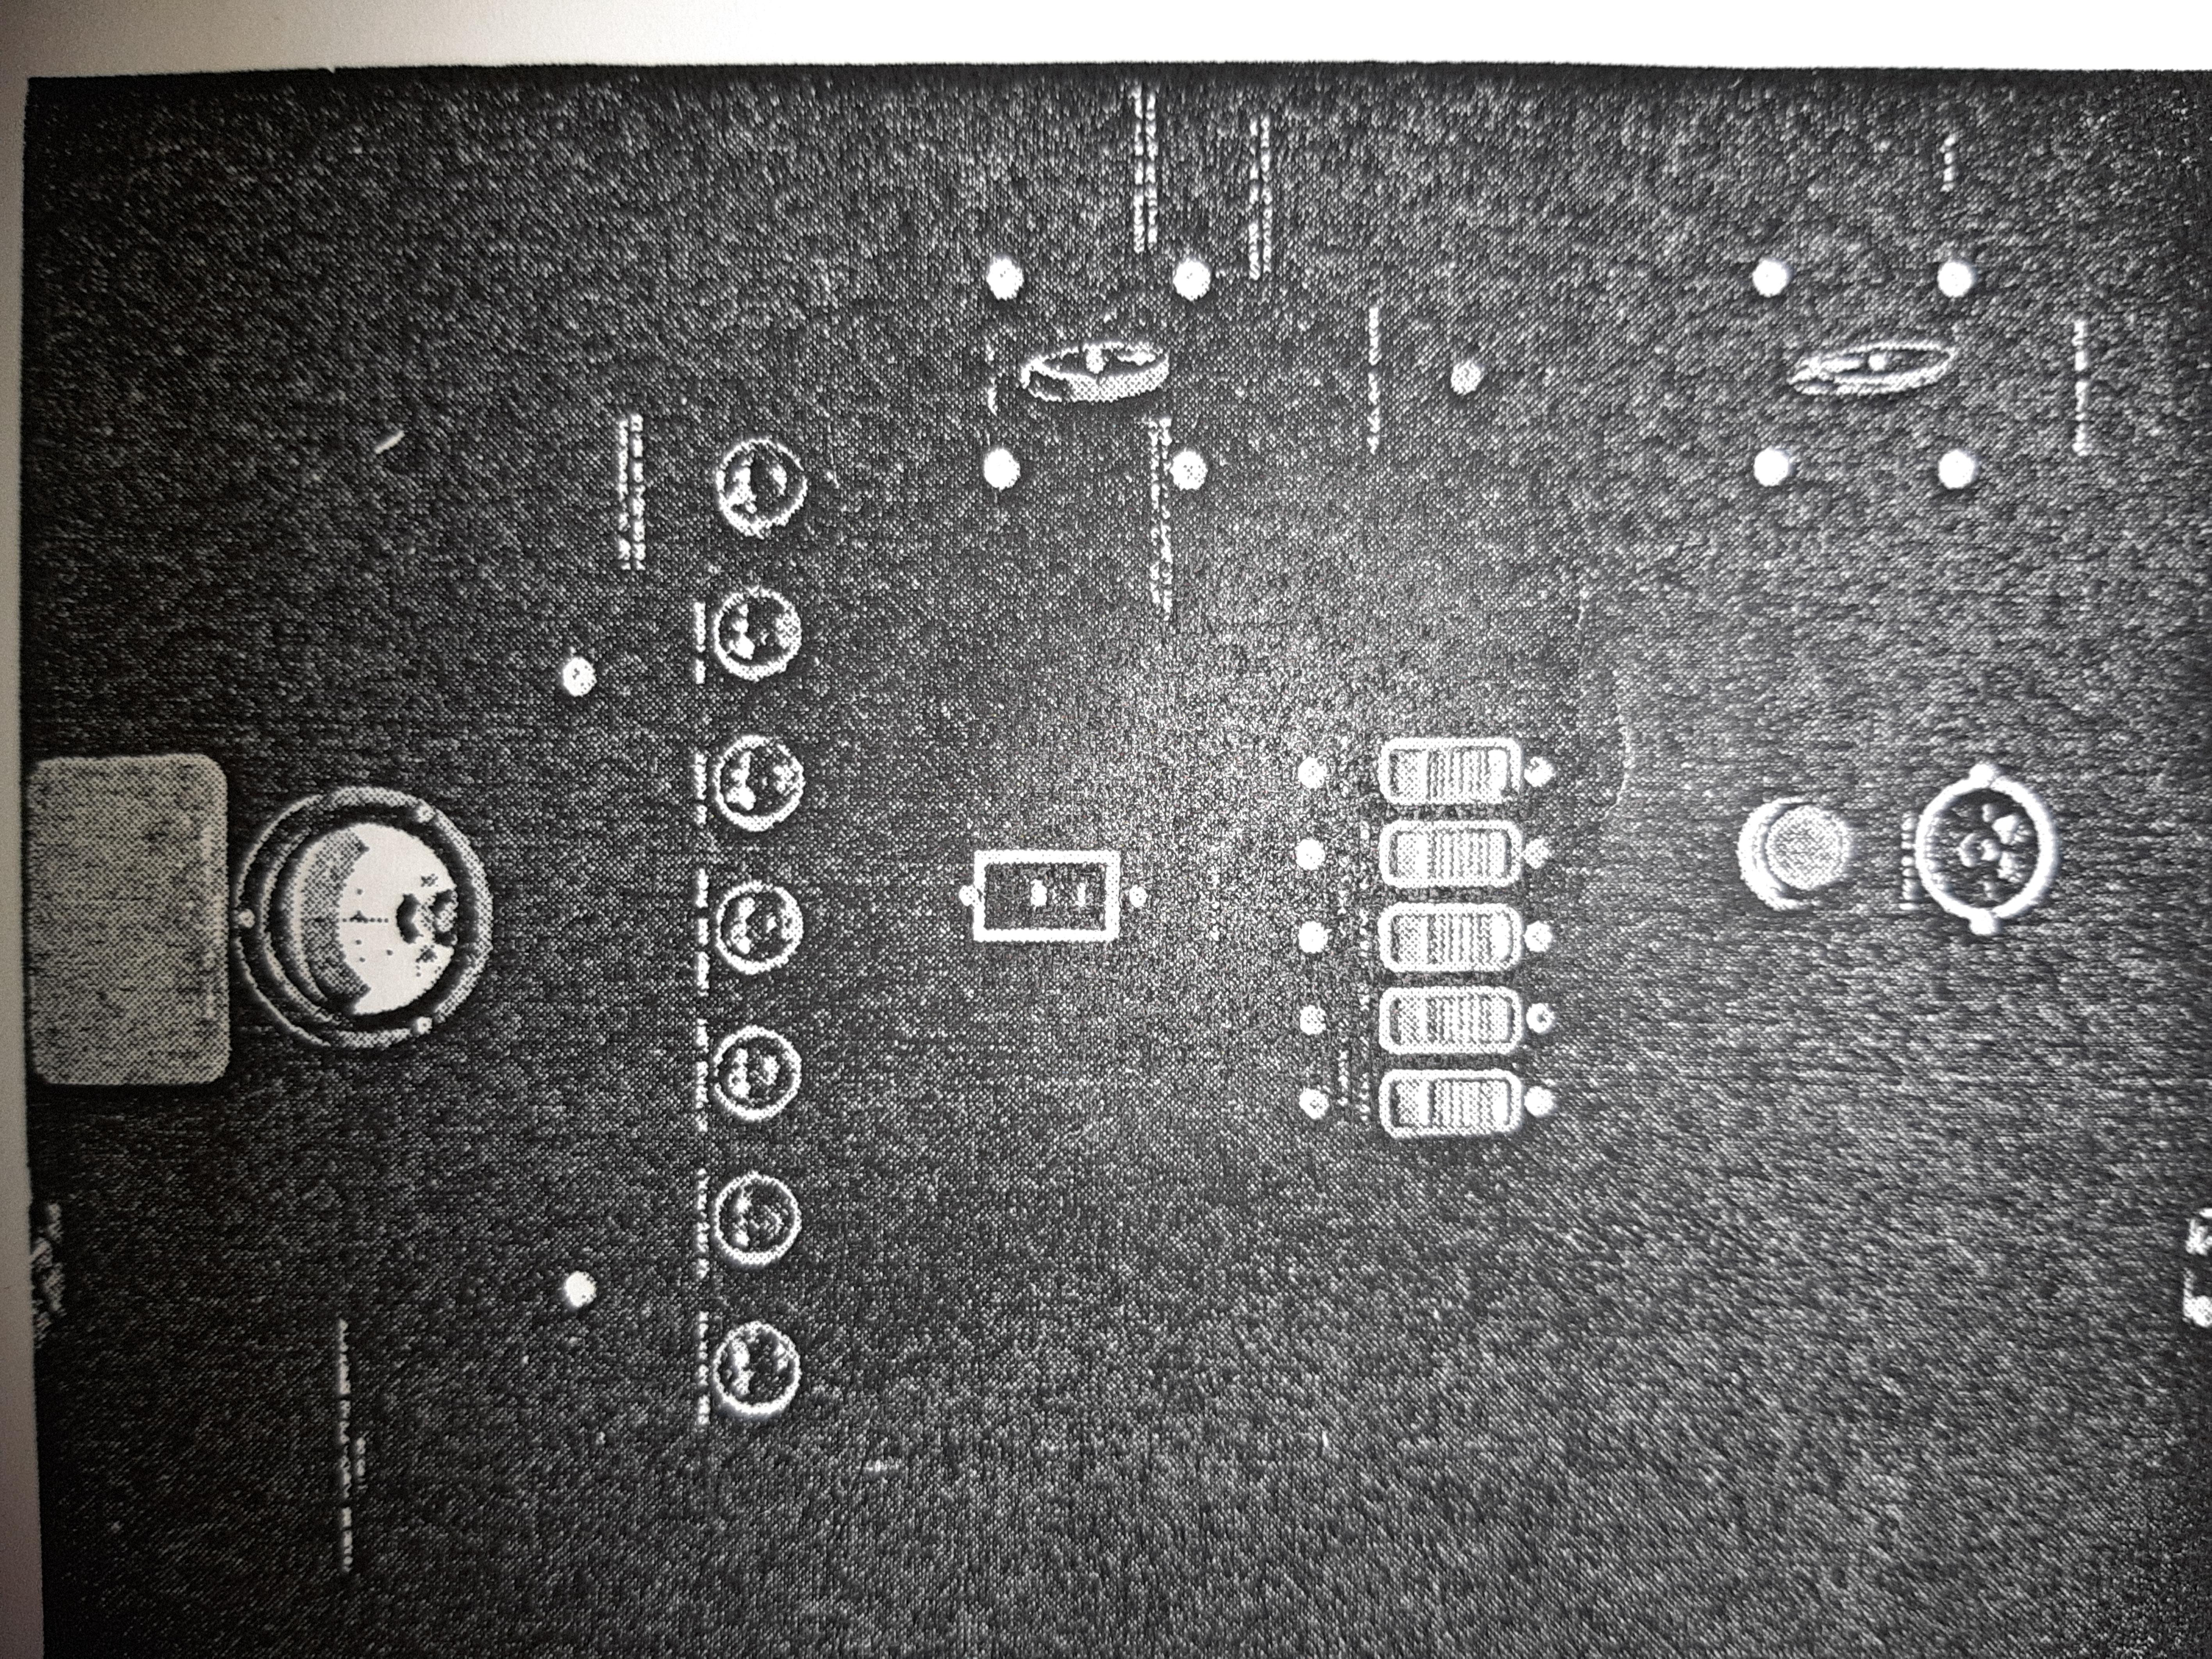 تابلوی کلید های خودکار